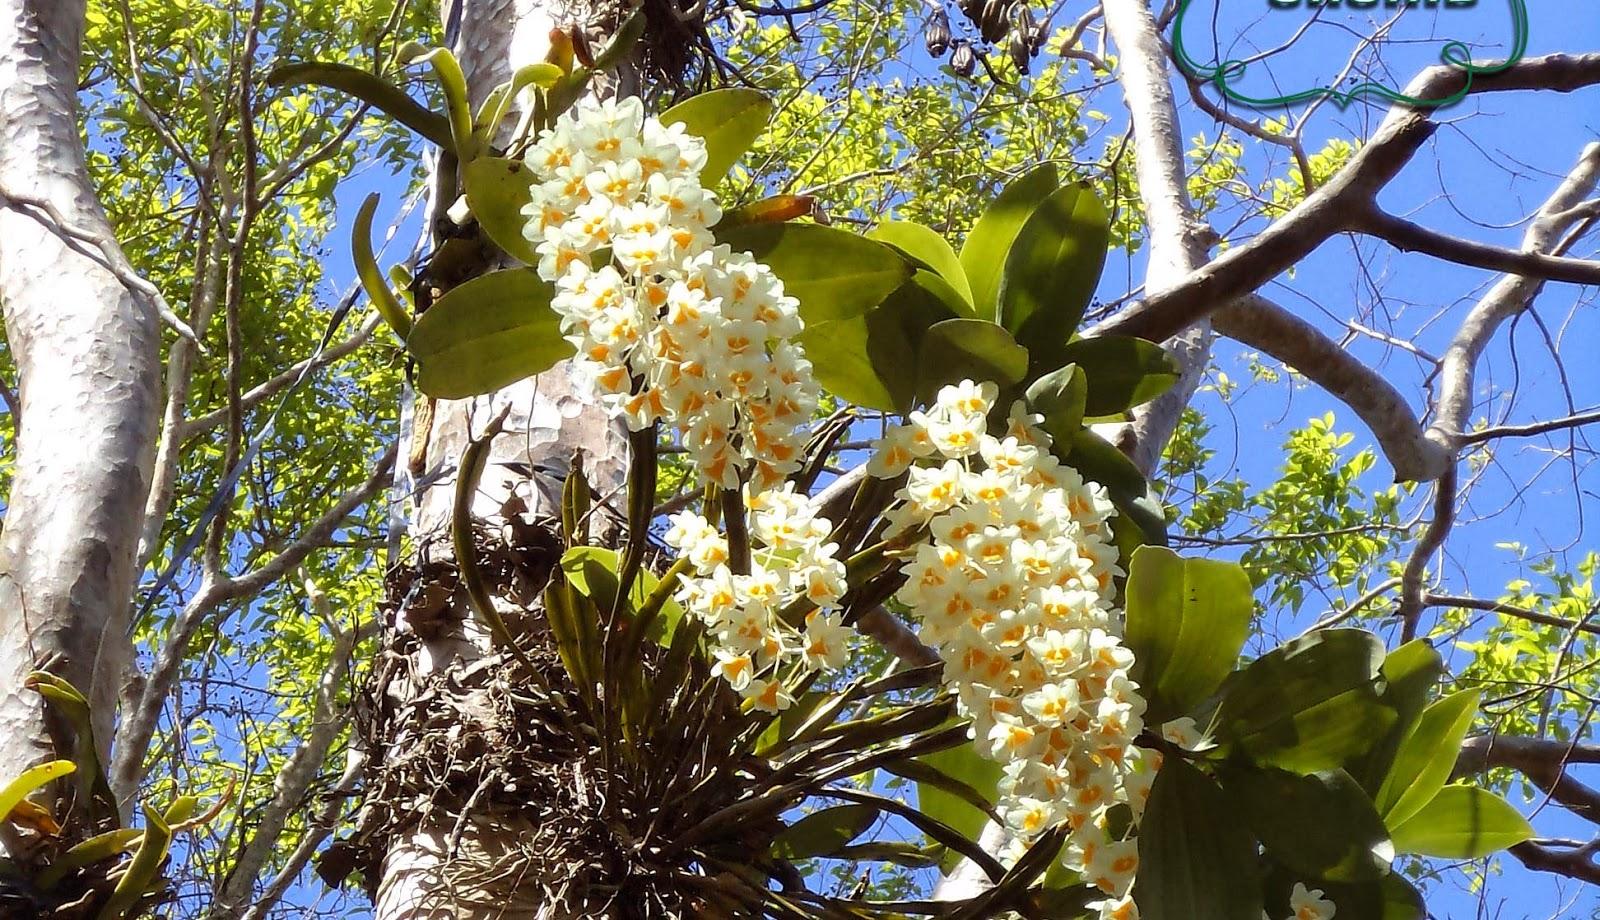 Hoa lan rừng trắng cực đẹp